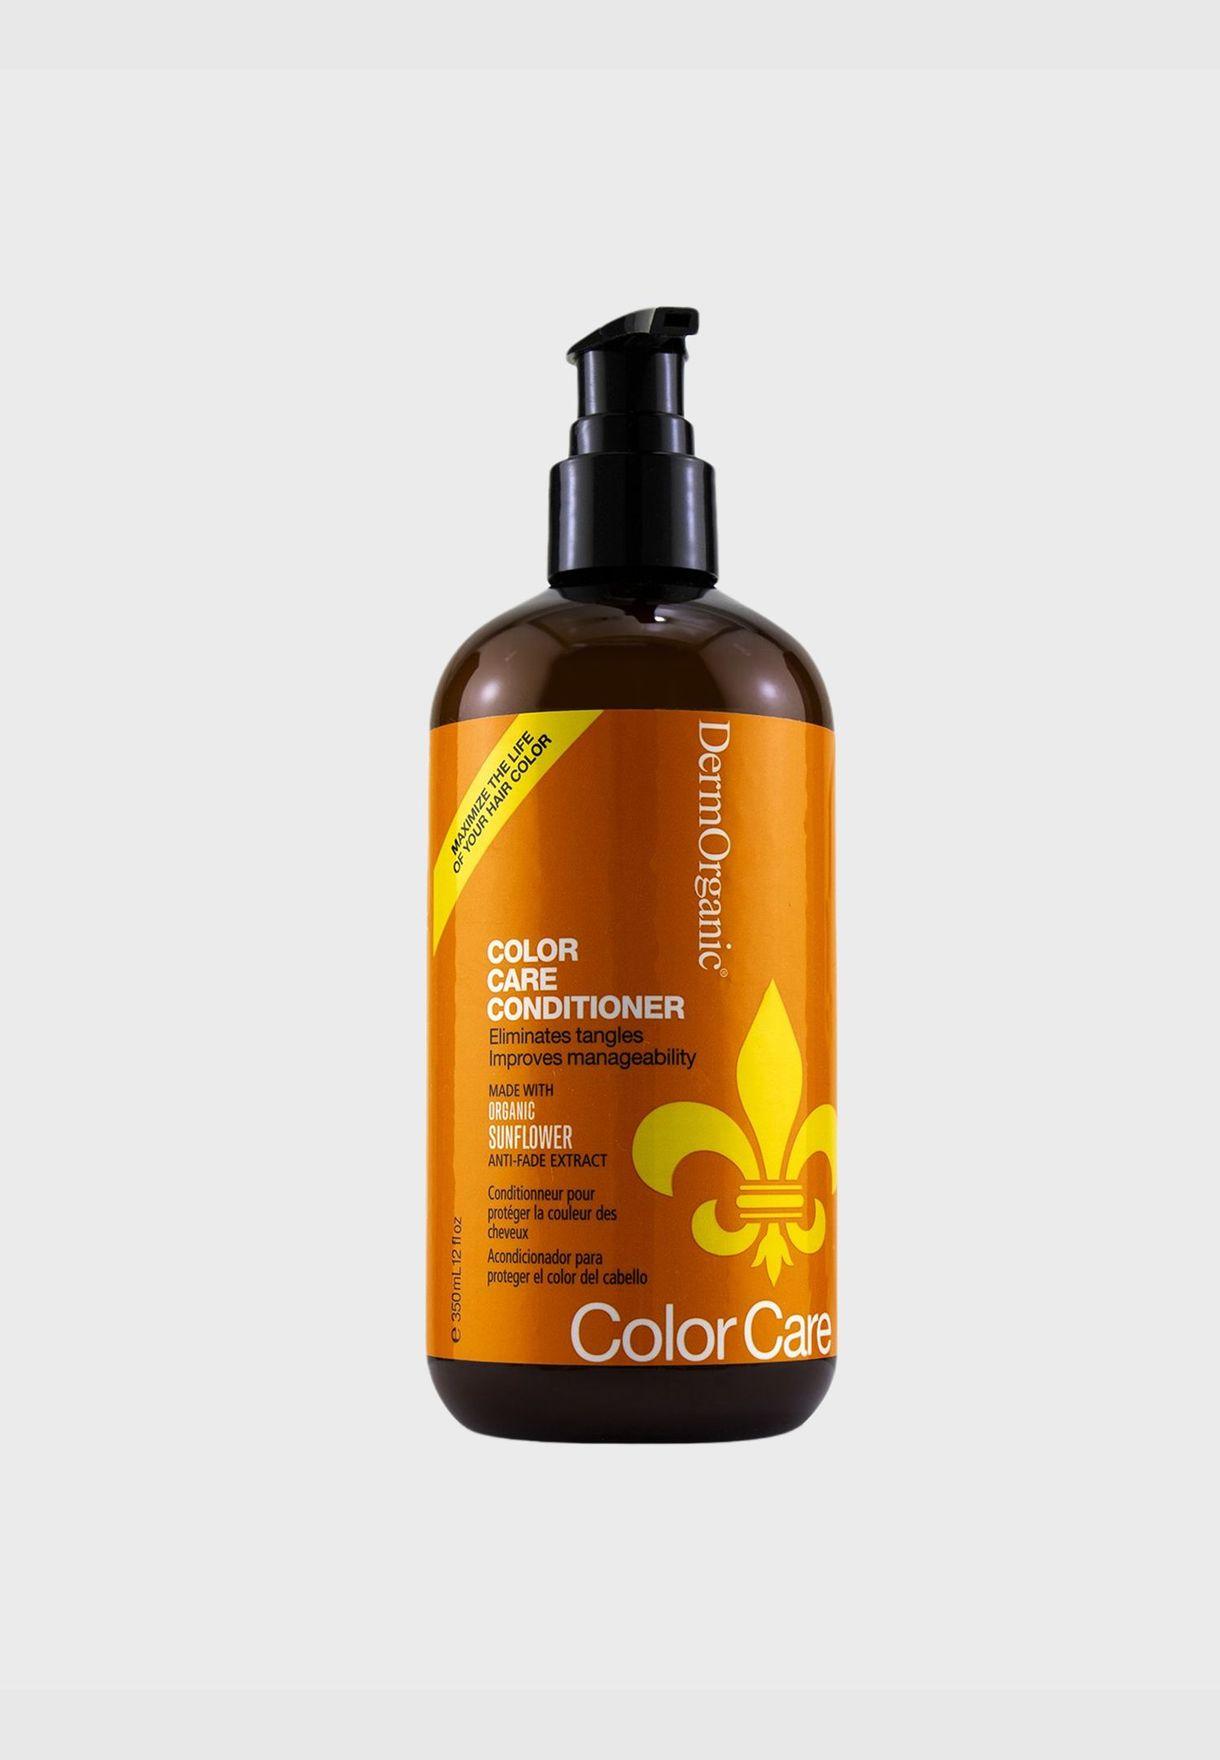 Color Care Conditioner